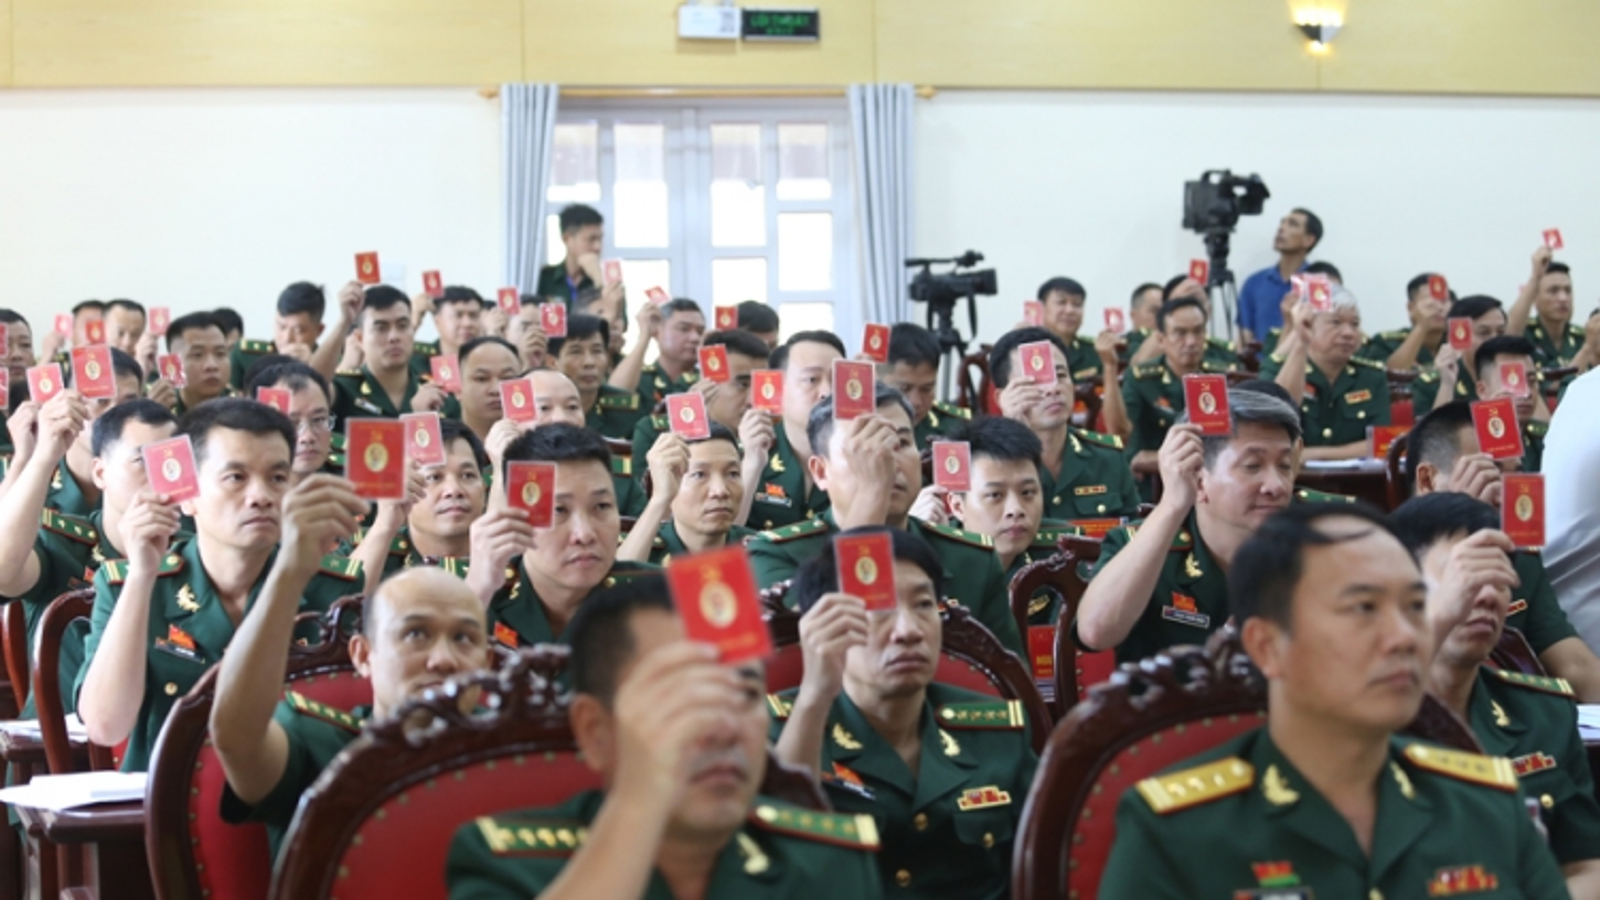 Đại tá Nguyễn Thanh Hải tái đắc cử Bí thư Đảng ủy BĐBP Quảng Ninh